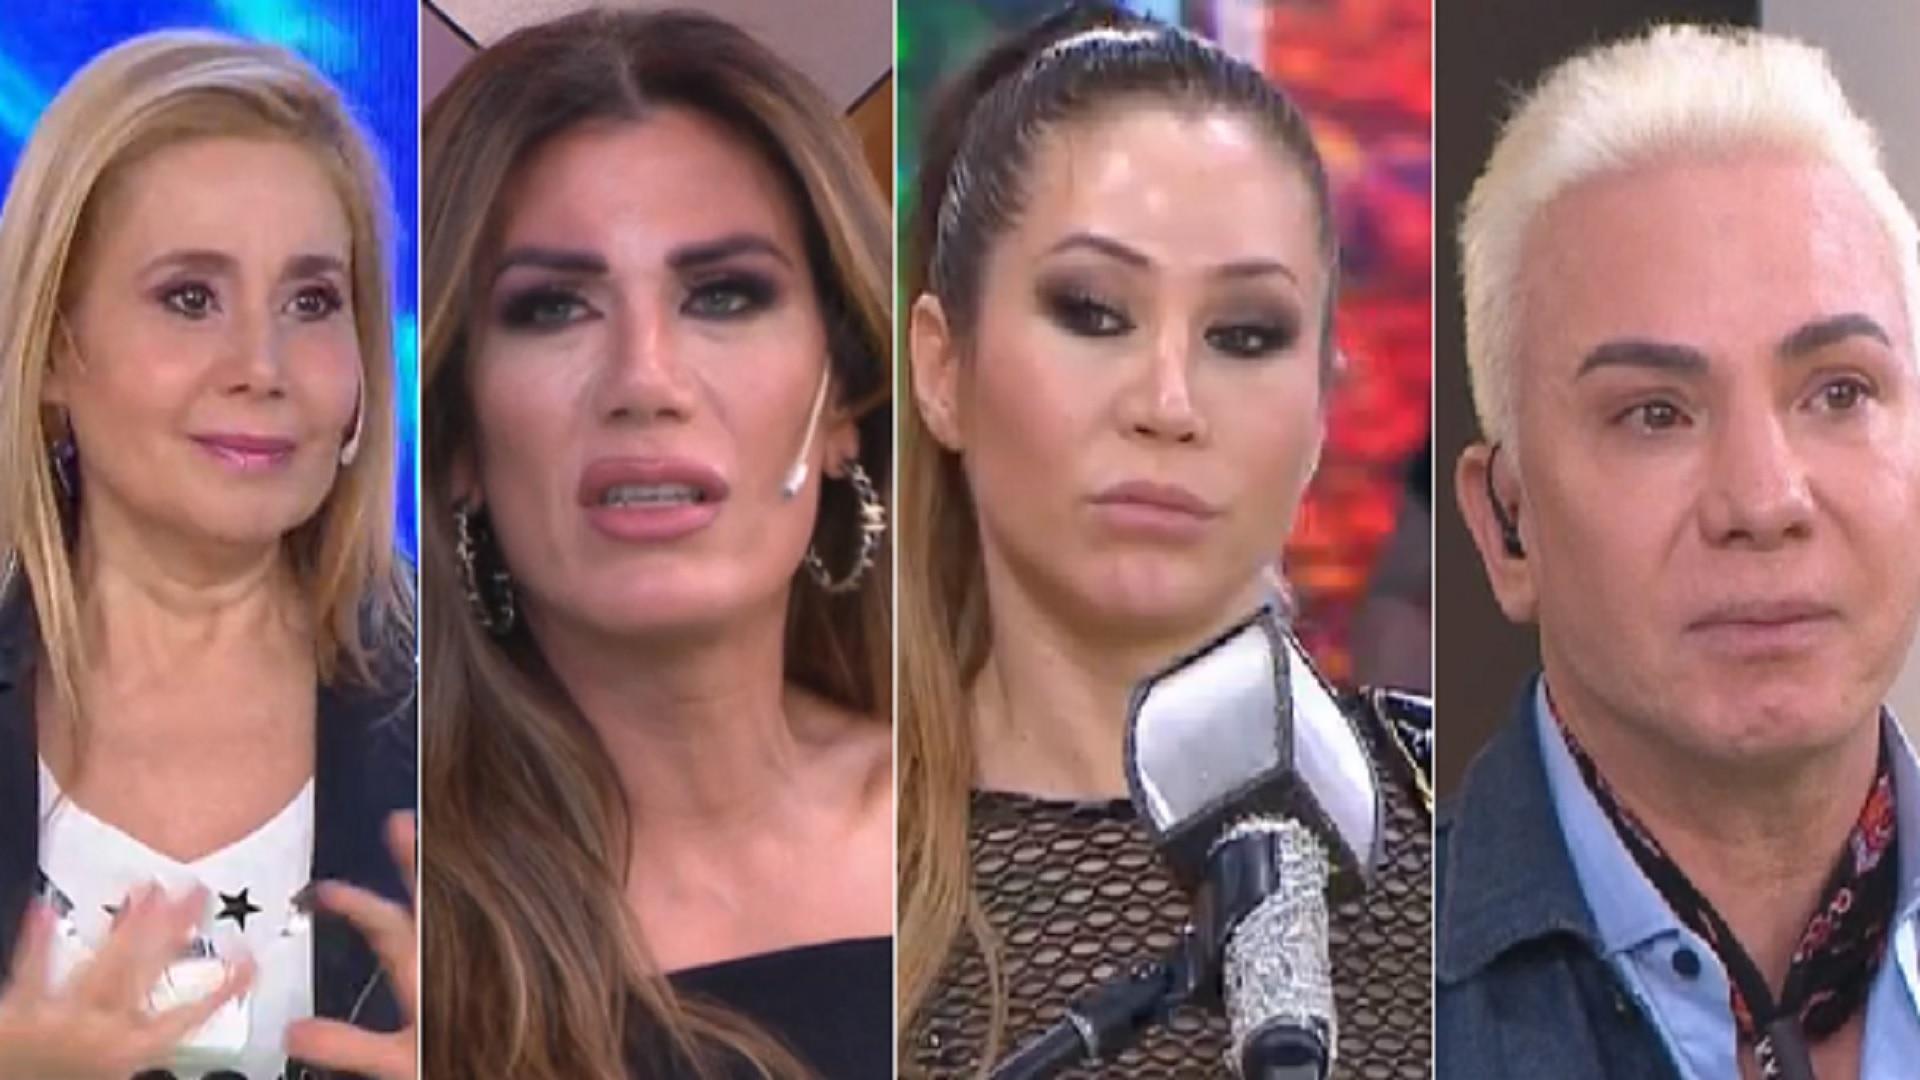 """Flavio Mendoza, Adabel Guerrero, Andrea Politti y Flor de la V se lamentaron por la situación del teatro: """"Los artistas estamos muy tristes"""" - Infobae"""